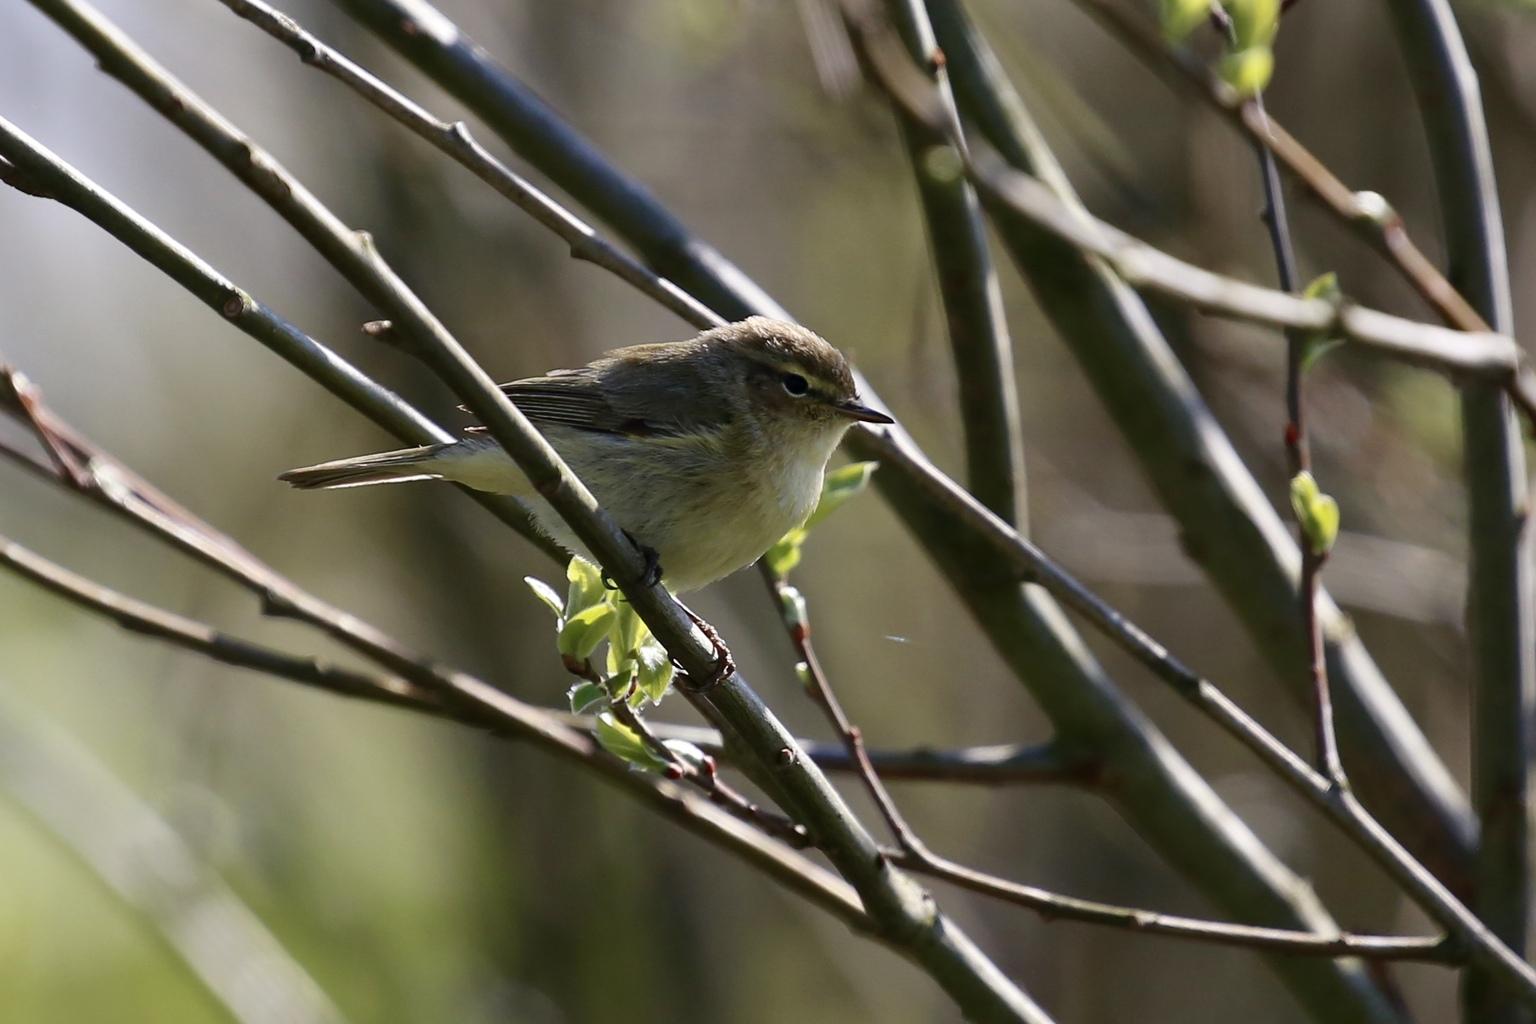 fitis/tjiftjaf - door de vele vogelgeluiden heb ik niet gehoord hoe deze floot - foto door Ebben op 17-04-2021 - deze foto bevat: vogel, fabriek, takje, afdeling, bek, hout, veer, zangvogel, vleugel, staart